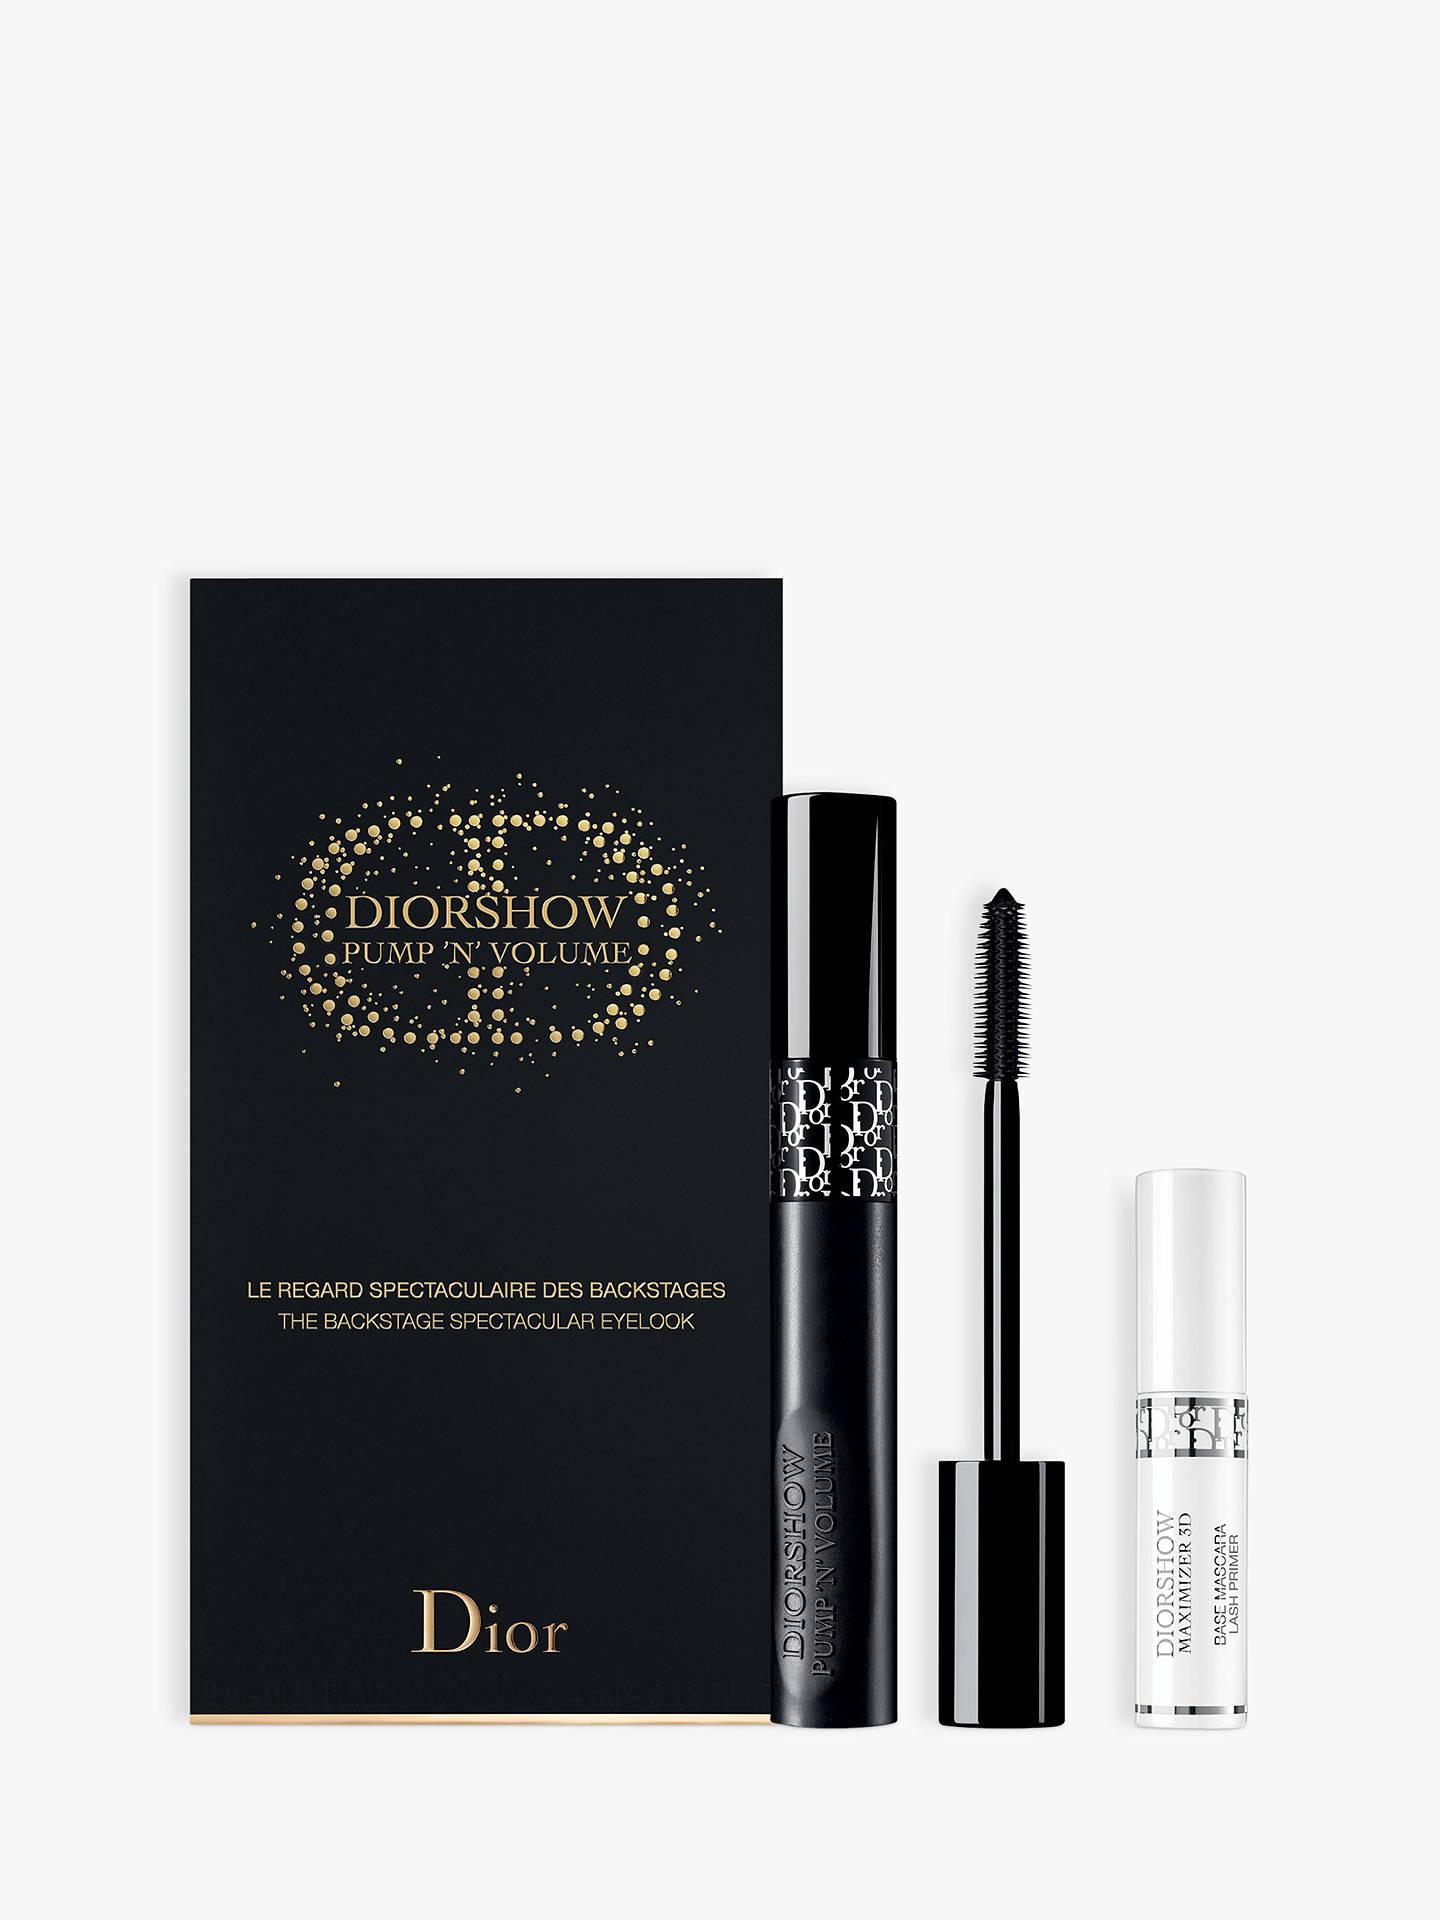 40b17bd5 Dior Pump 'N' Volume Mascara Makeup Gift Set